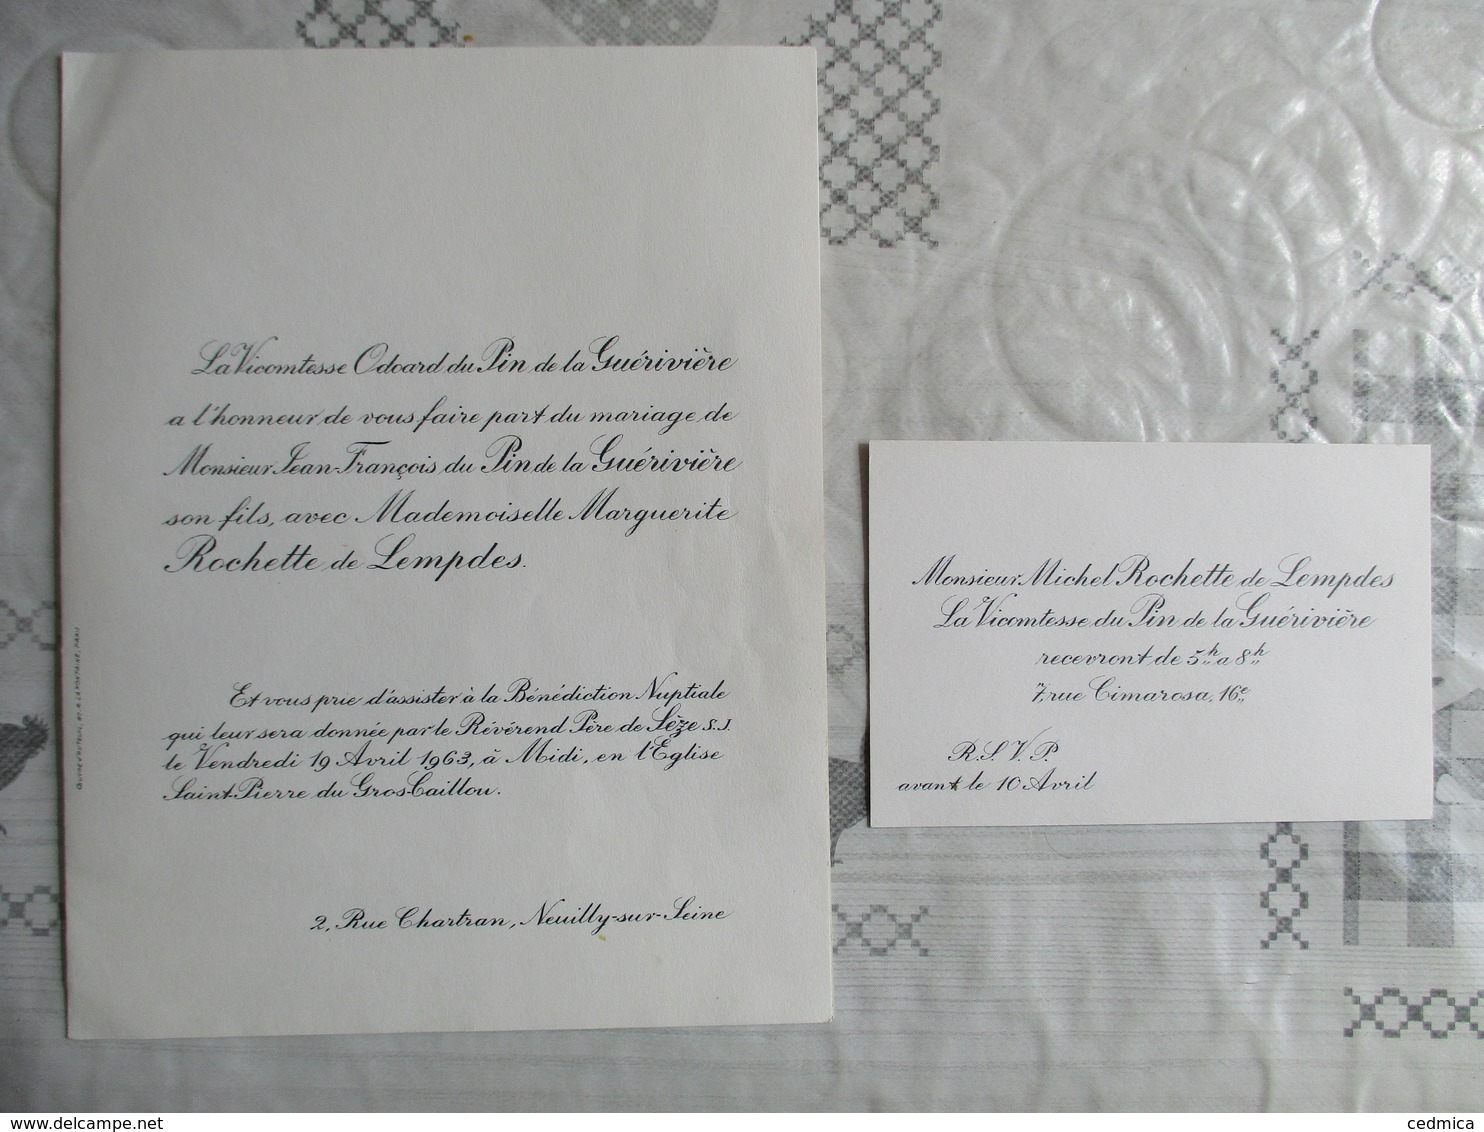 EGLISE SAINT PIERRE DU GROS-CAILLOU LE 19 AVRIL 1963 JEAN FRANCOIS DU PIN DE LA GUERIVIERE ET MARGUERITE ROCHETTE DELEMP - Mariage